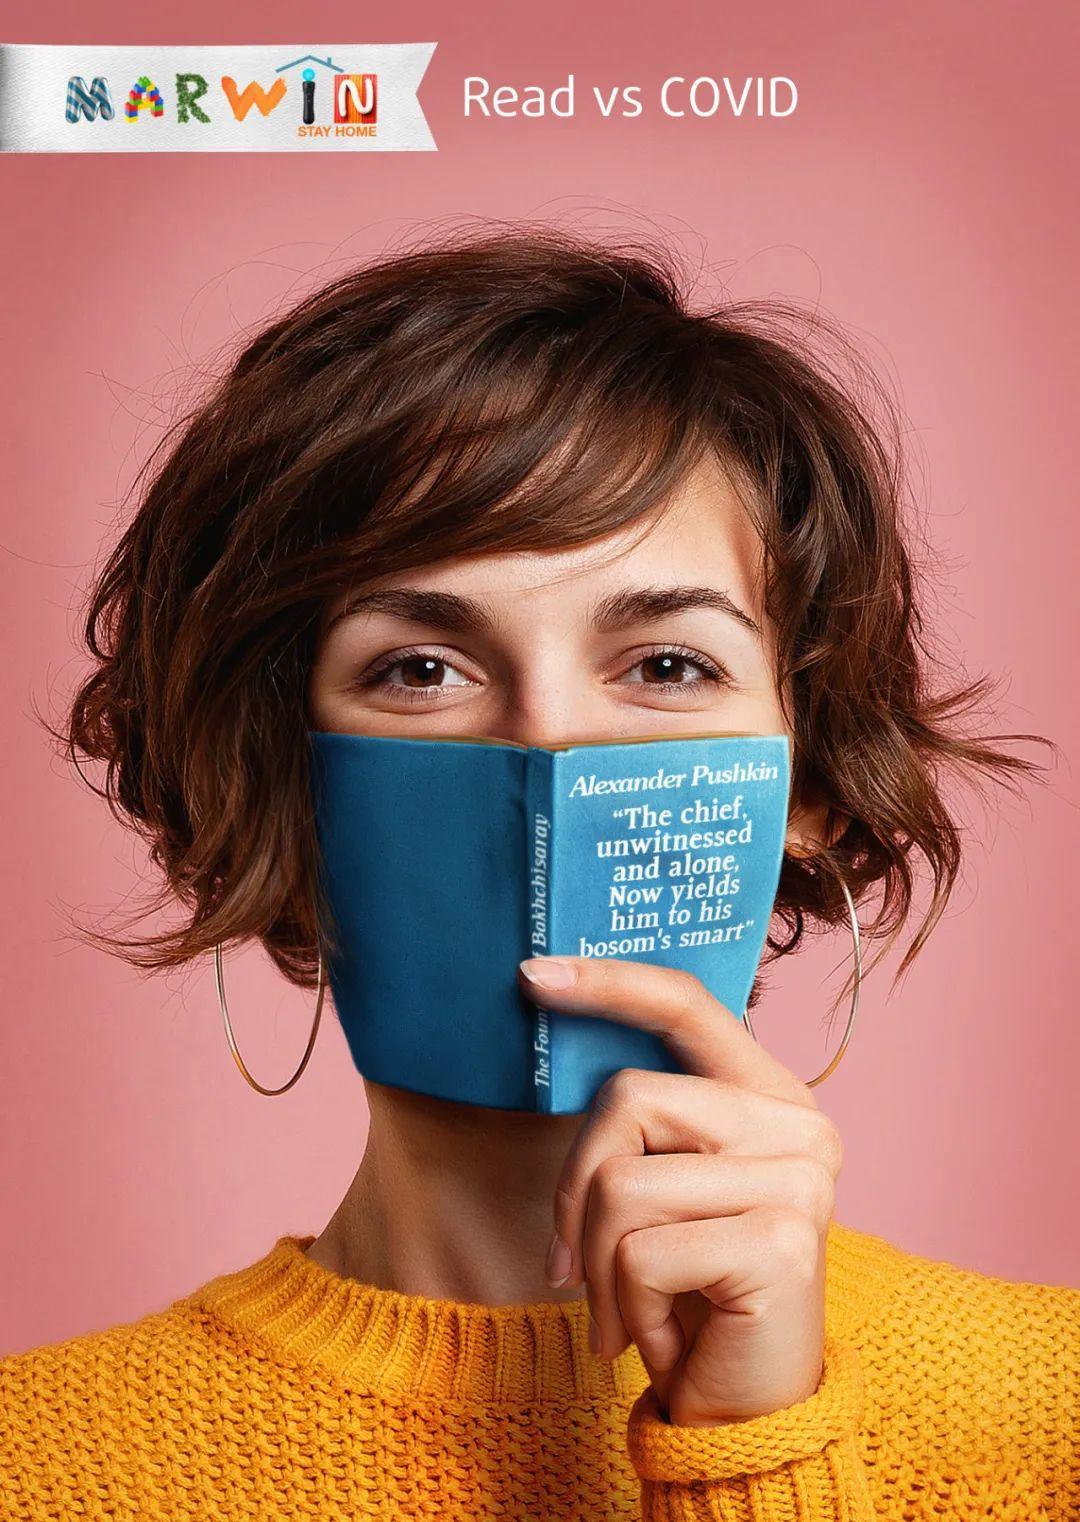 阅读可以治疗孤独,待在家里,战胜疫情!Marwin在线商城创意广告